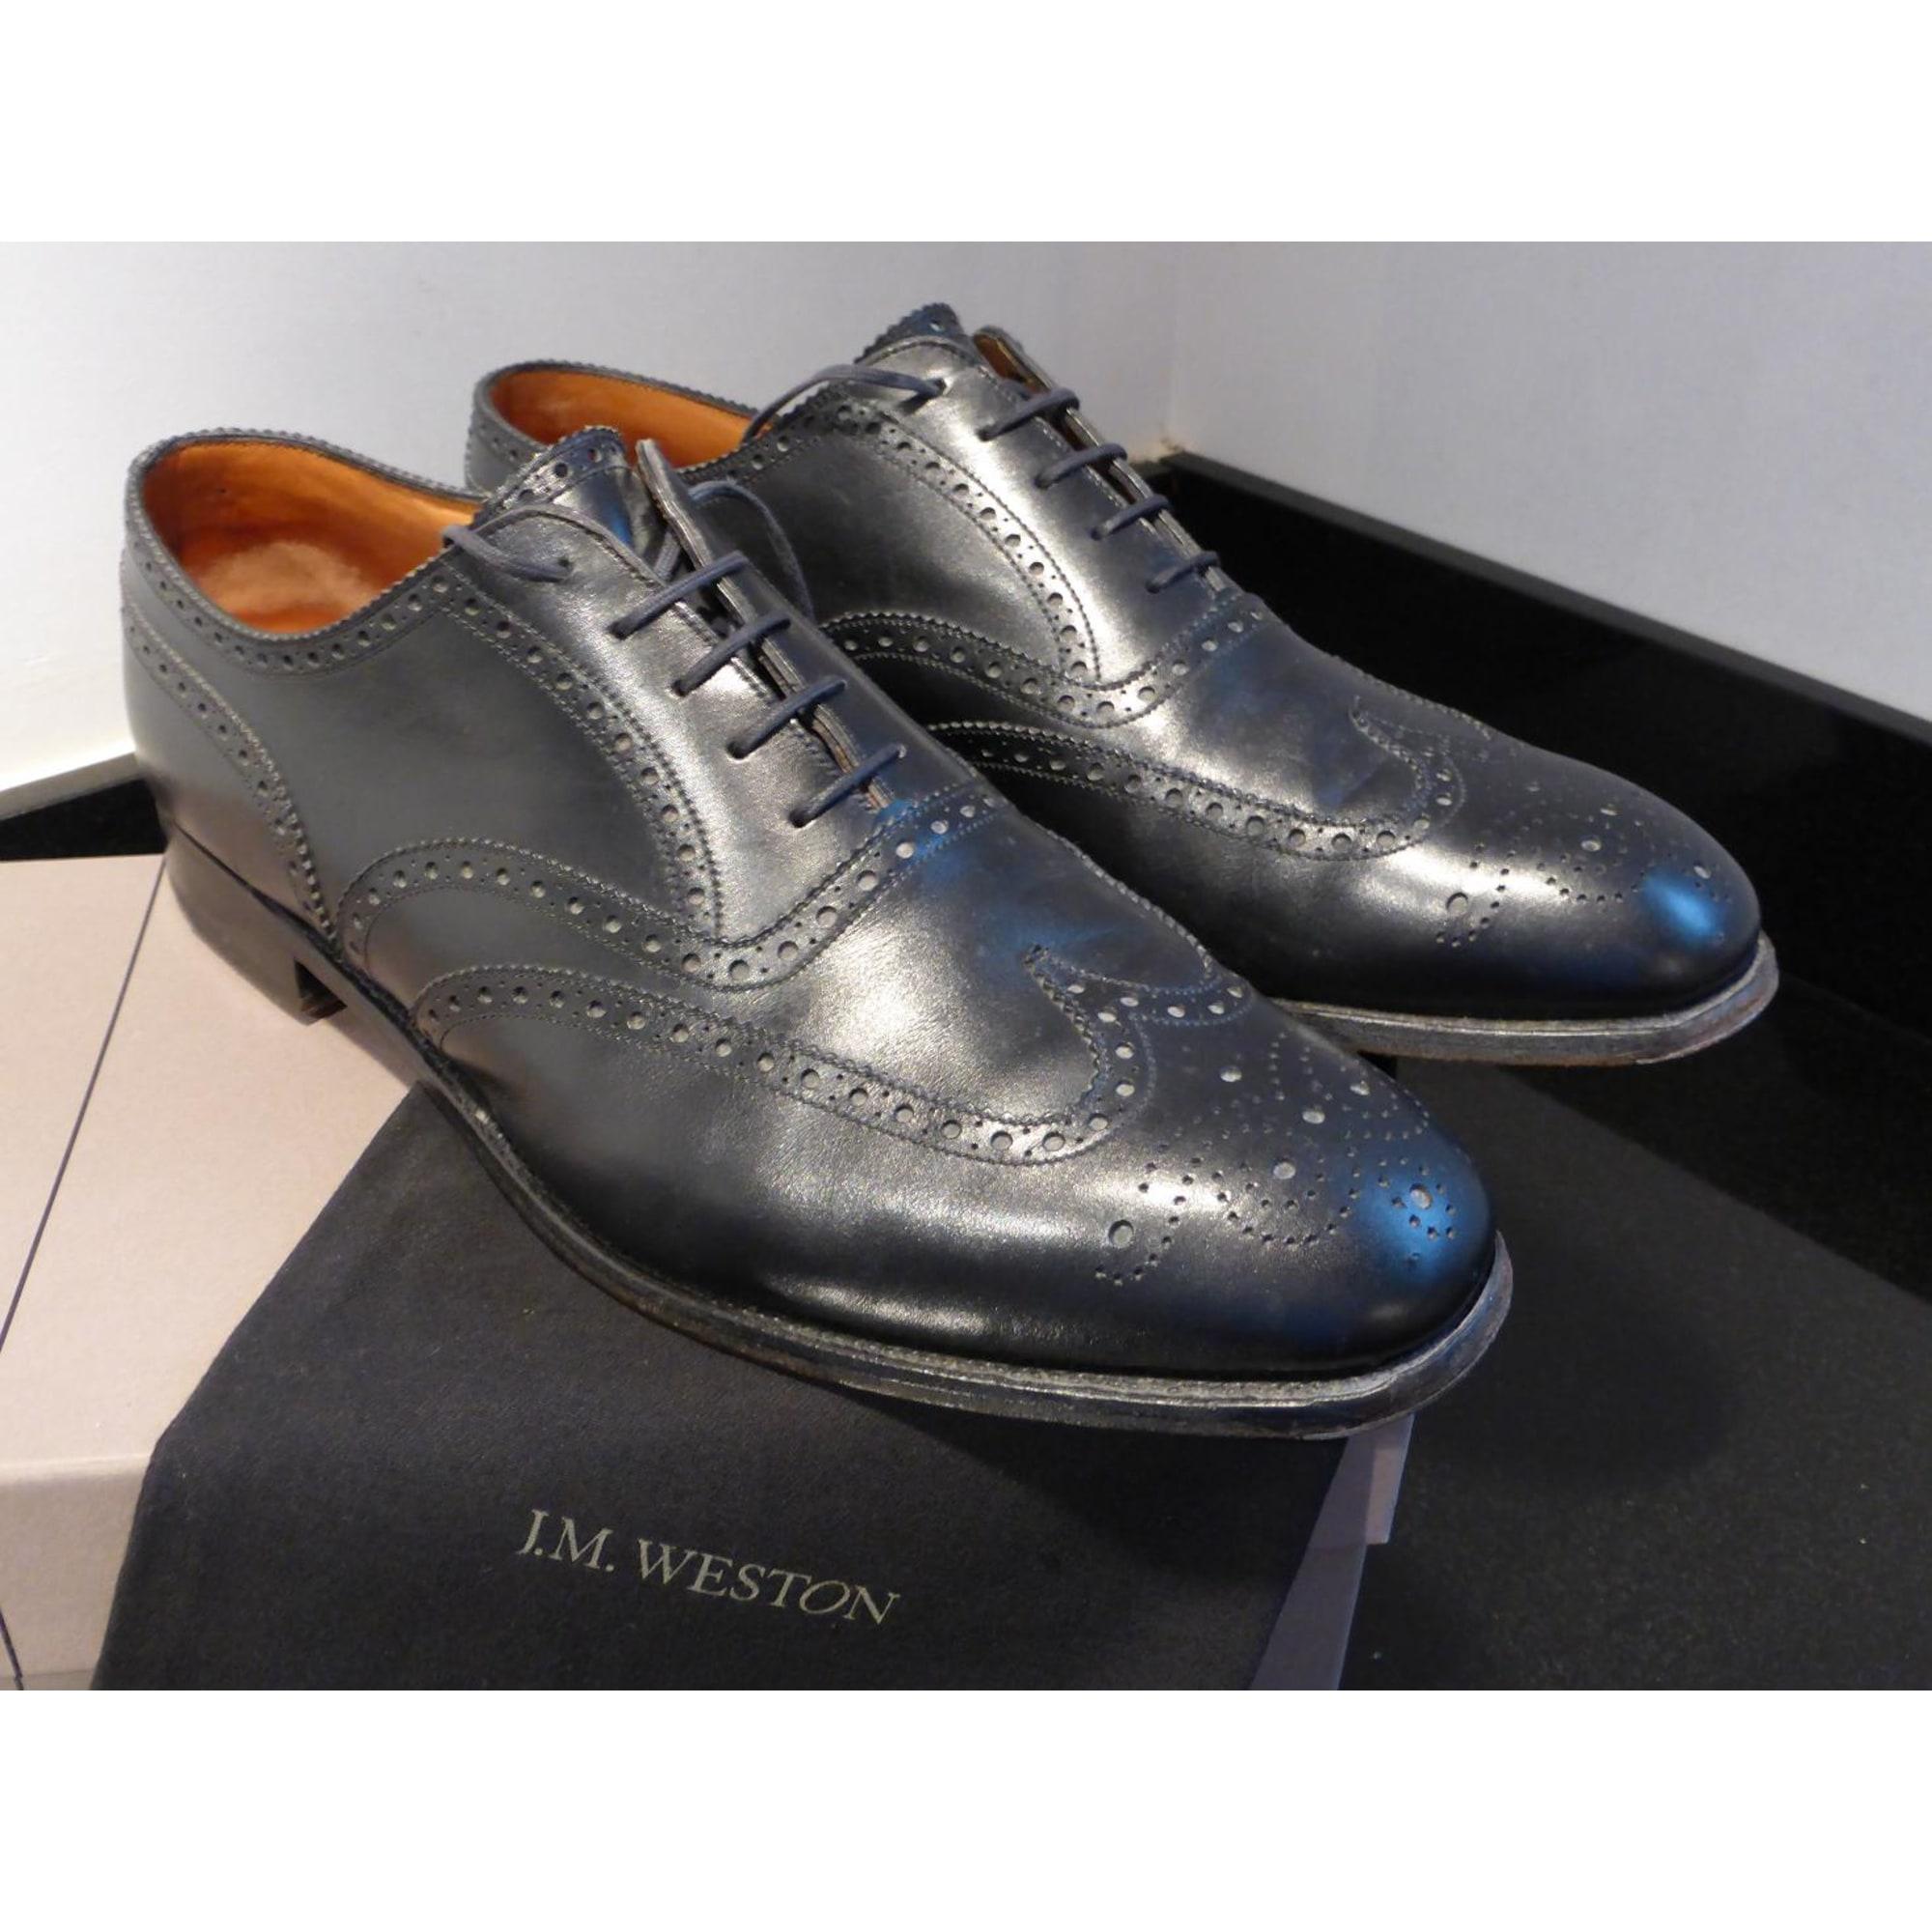 2744d5bb71 Chaussures à lacets JM WESTON 46 noir vendu par Jlt - 2904350